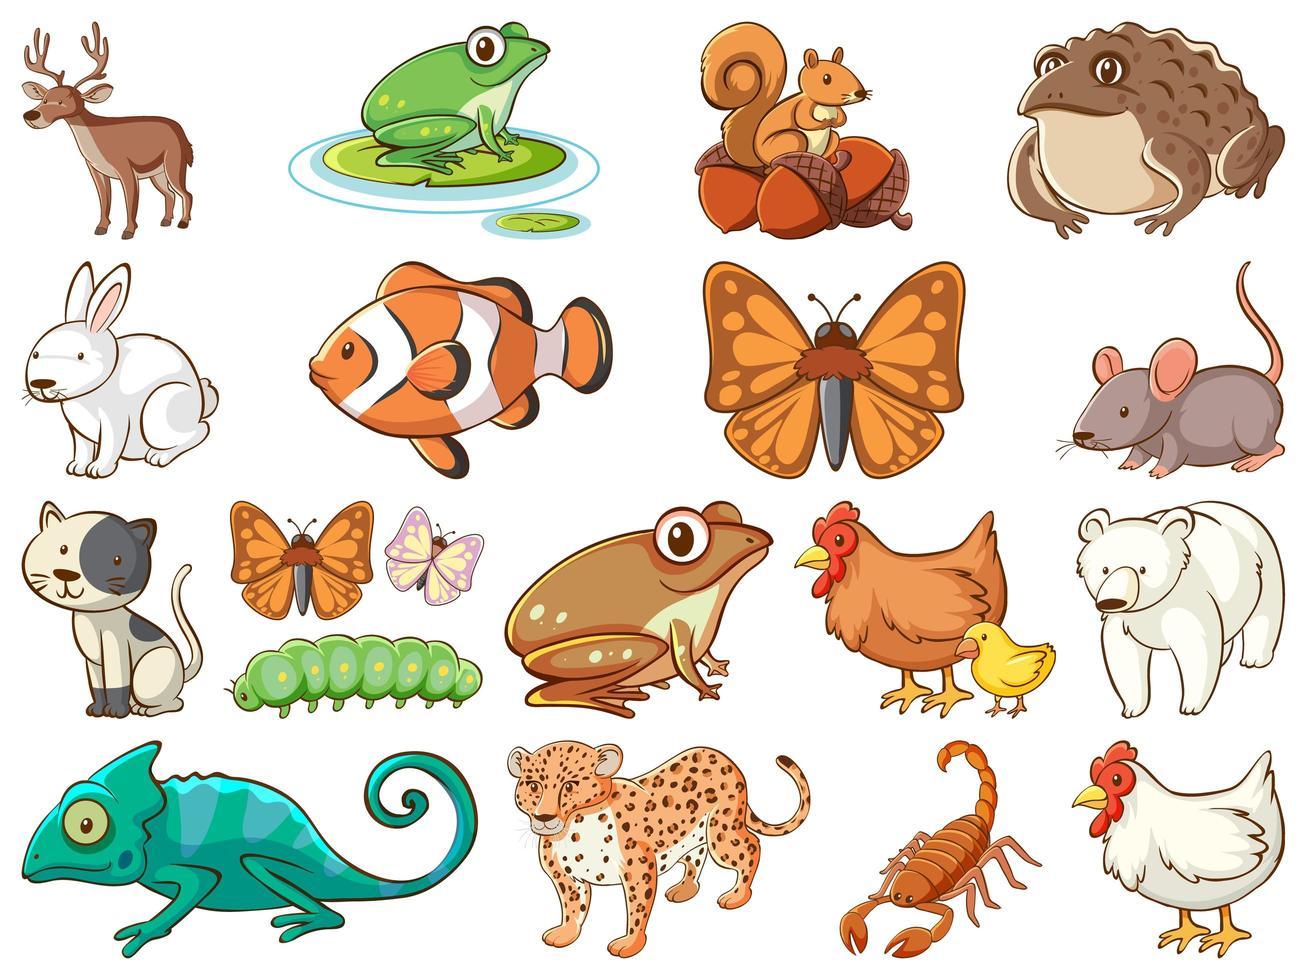 grote reeks dieren in het wild met veel soorten dieren vector